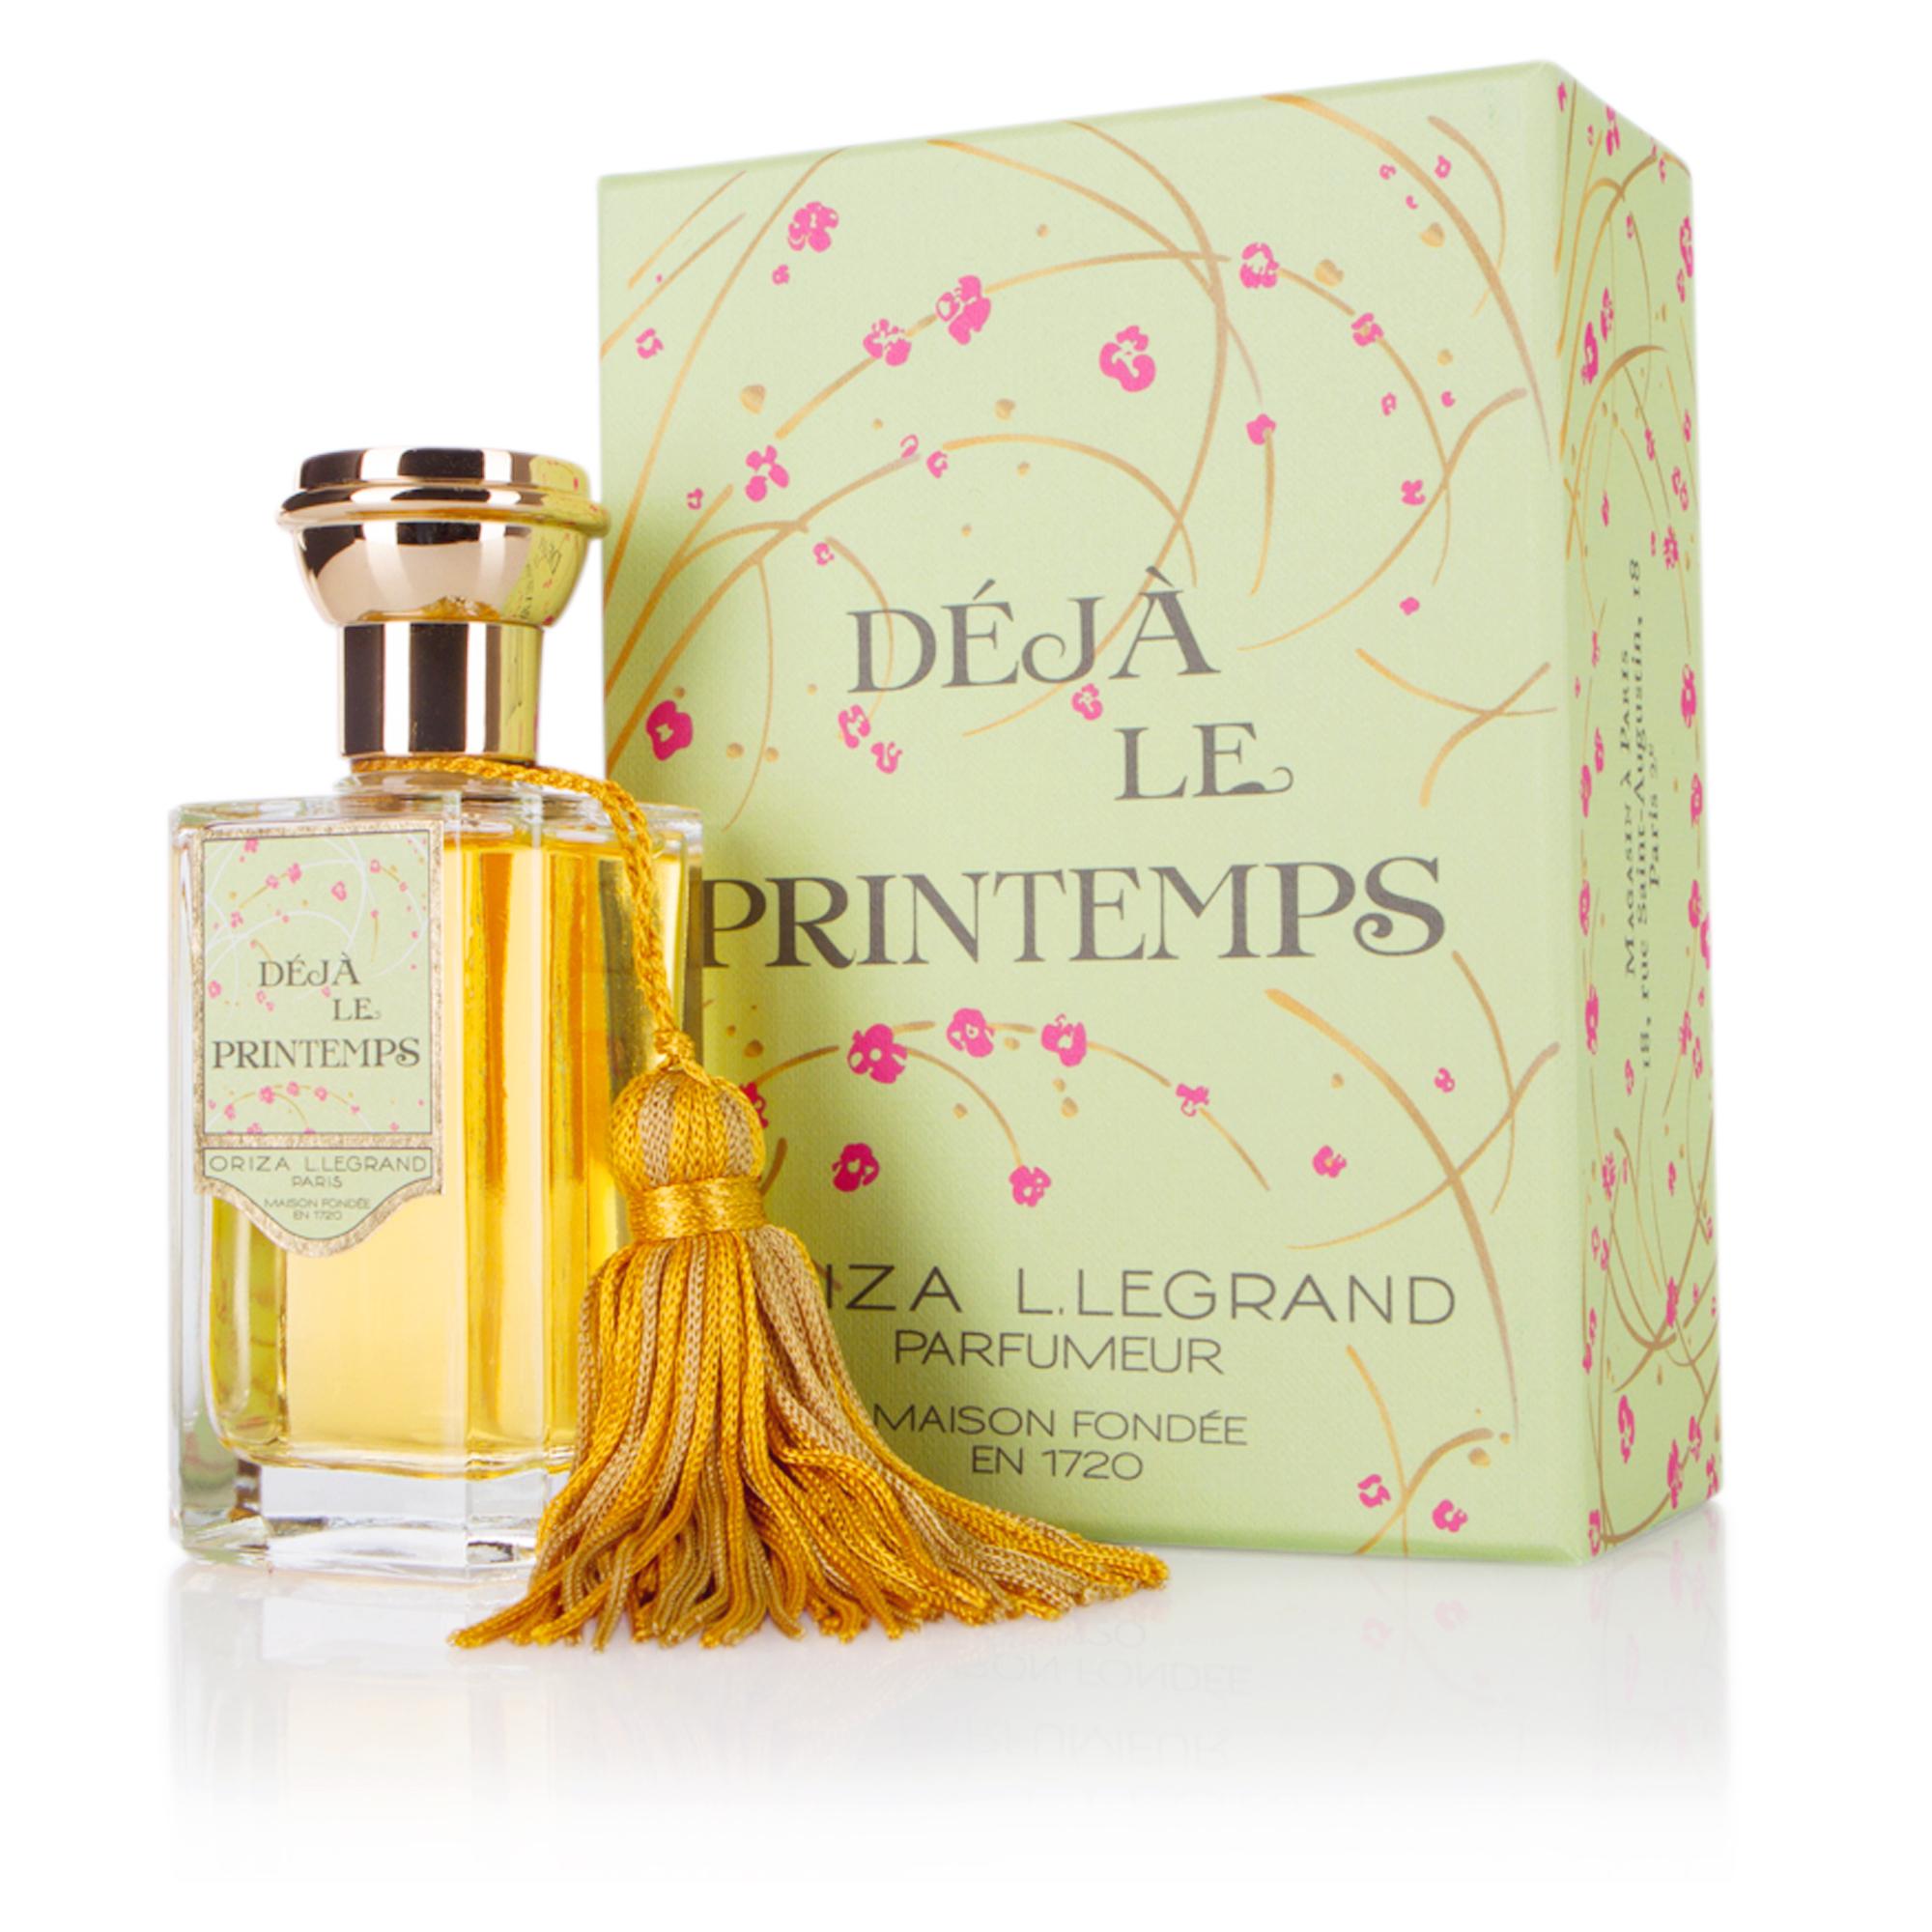 ORIZA L.LEGRAND Déjà Le Printemps Eau de Parfum 100 ml